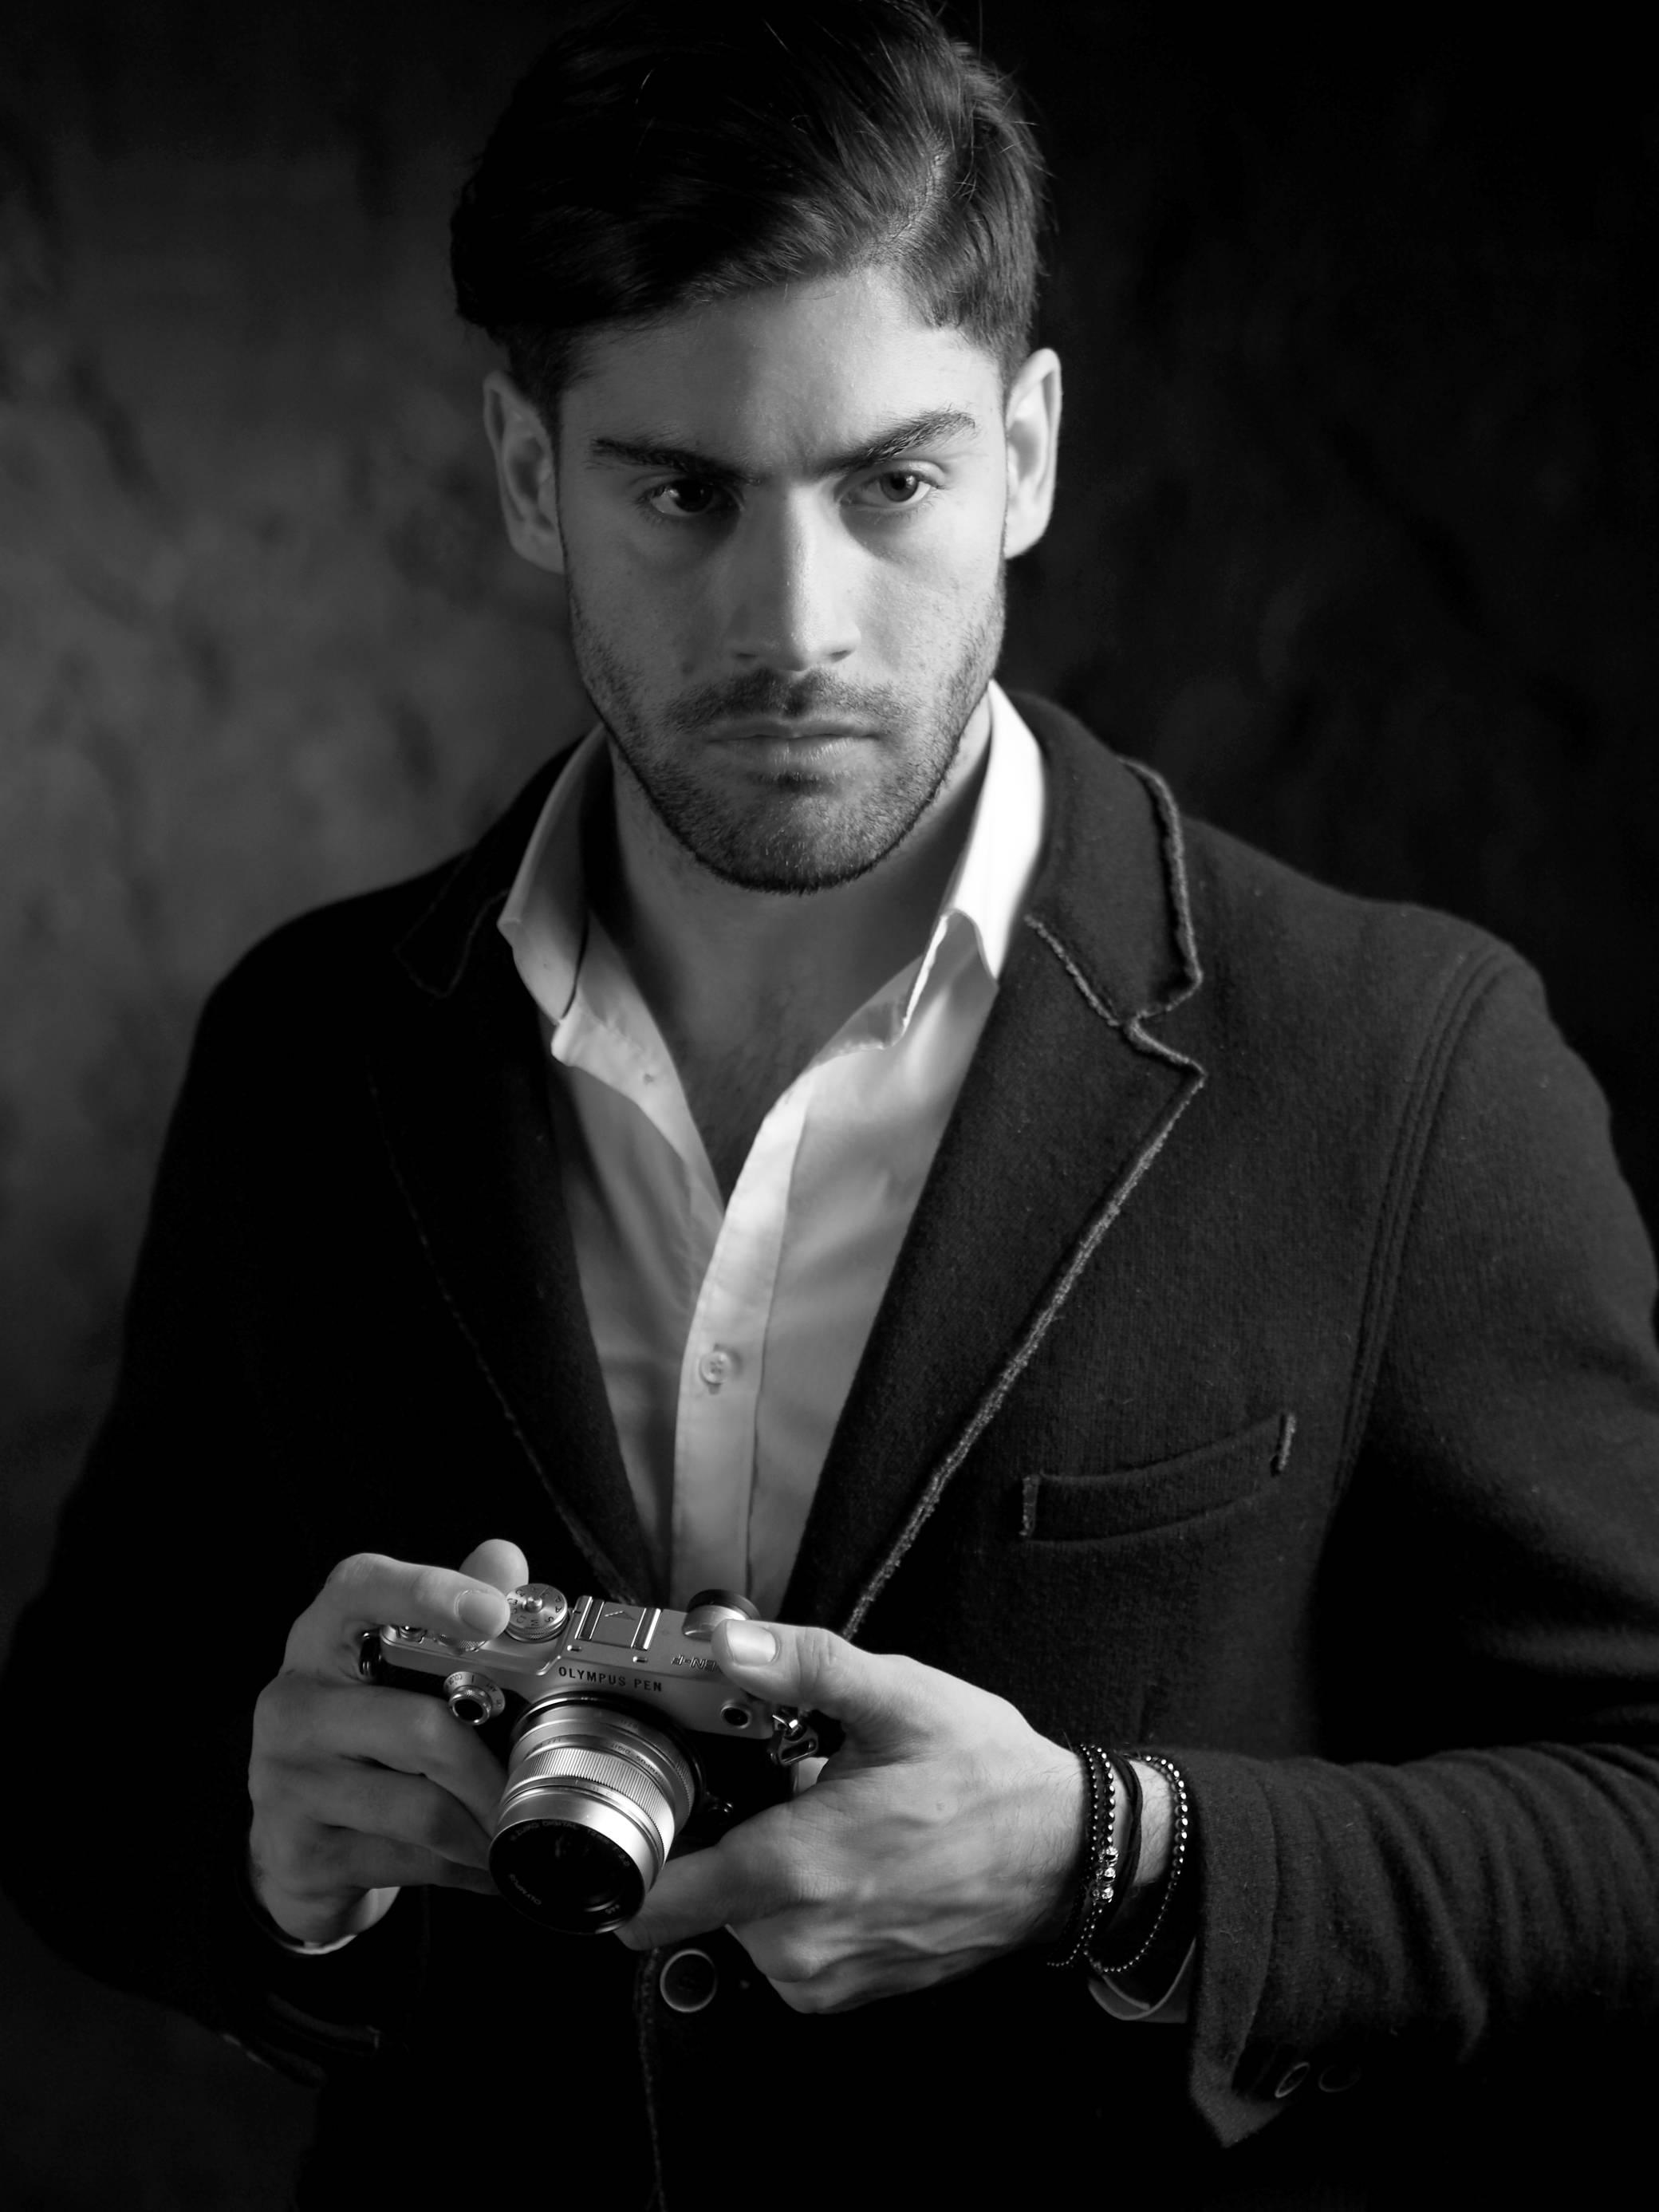 словам одних фотопортреты красивых мужчин на аву забудьте, что